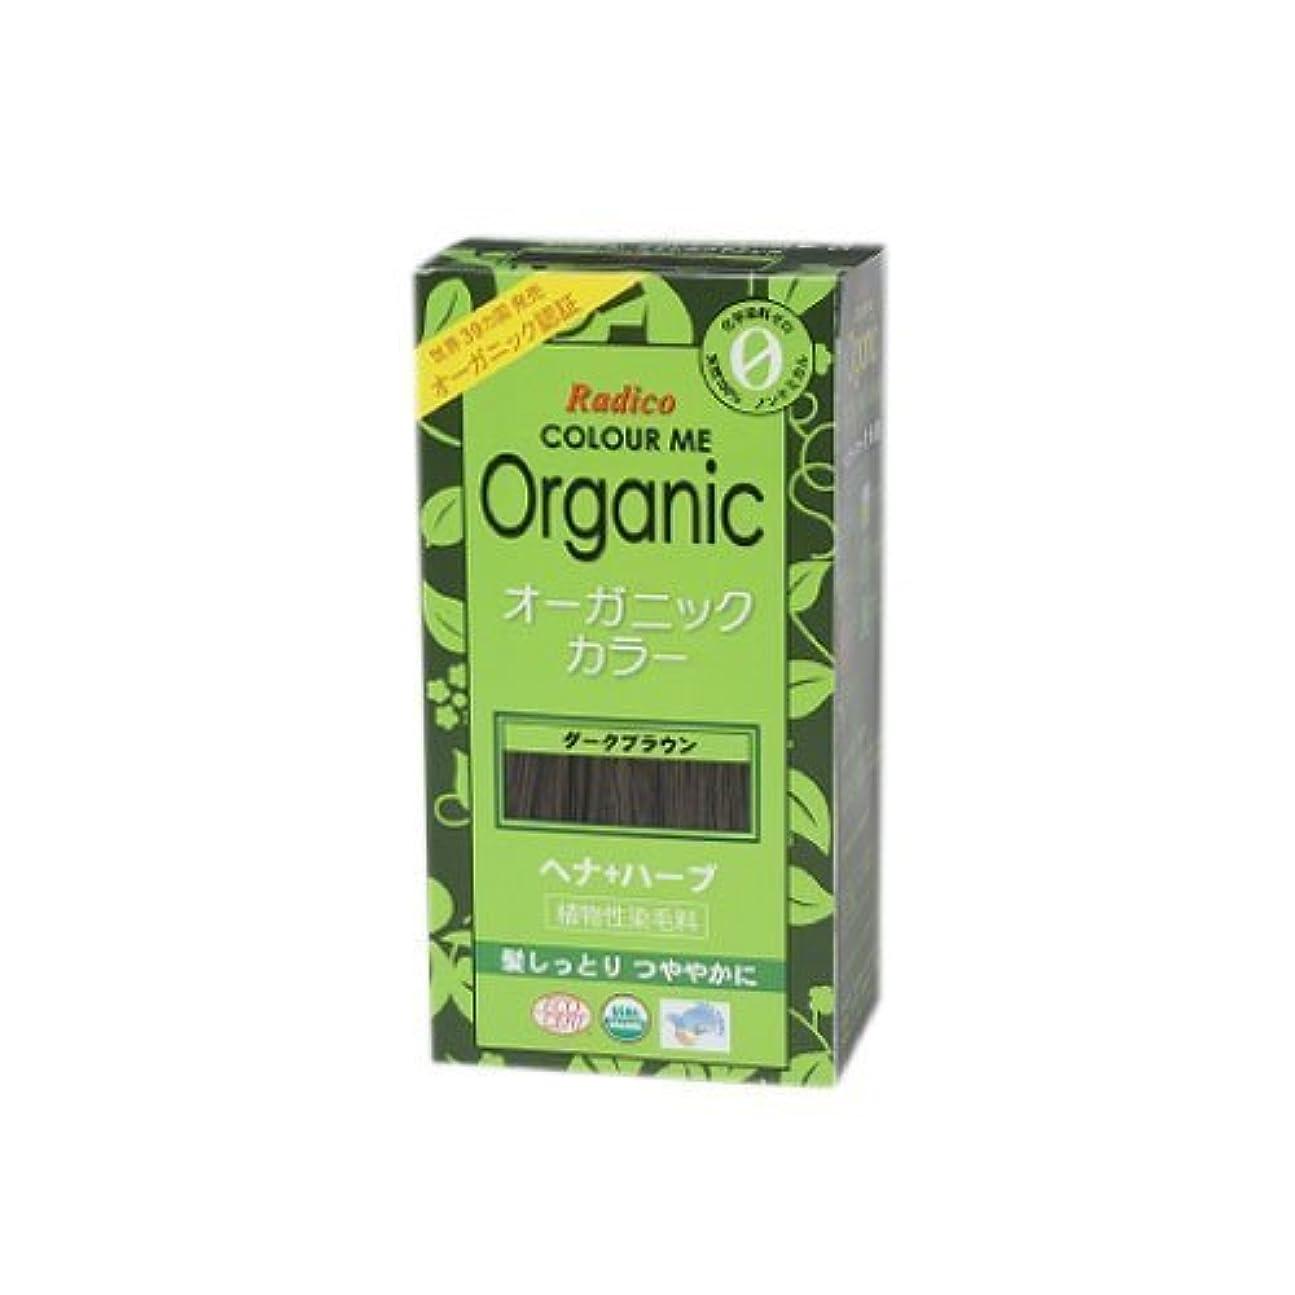 繊細ぎこちない助けてCOLOURME Organic (カラーミーオーガニック ヘナ 白髪用) ダークブラウン 100g